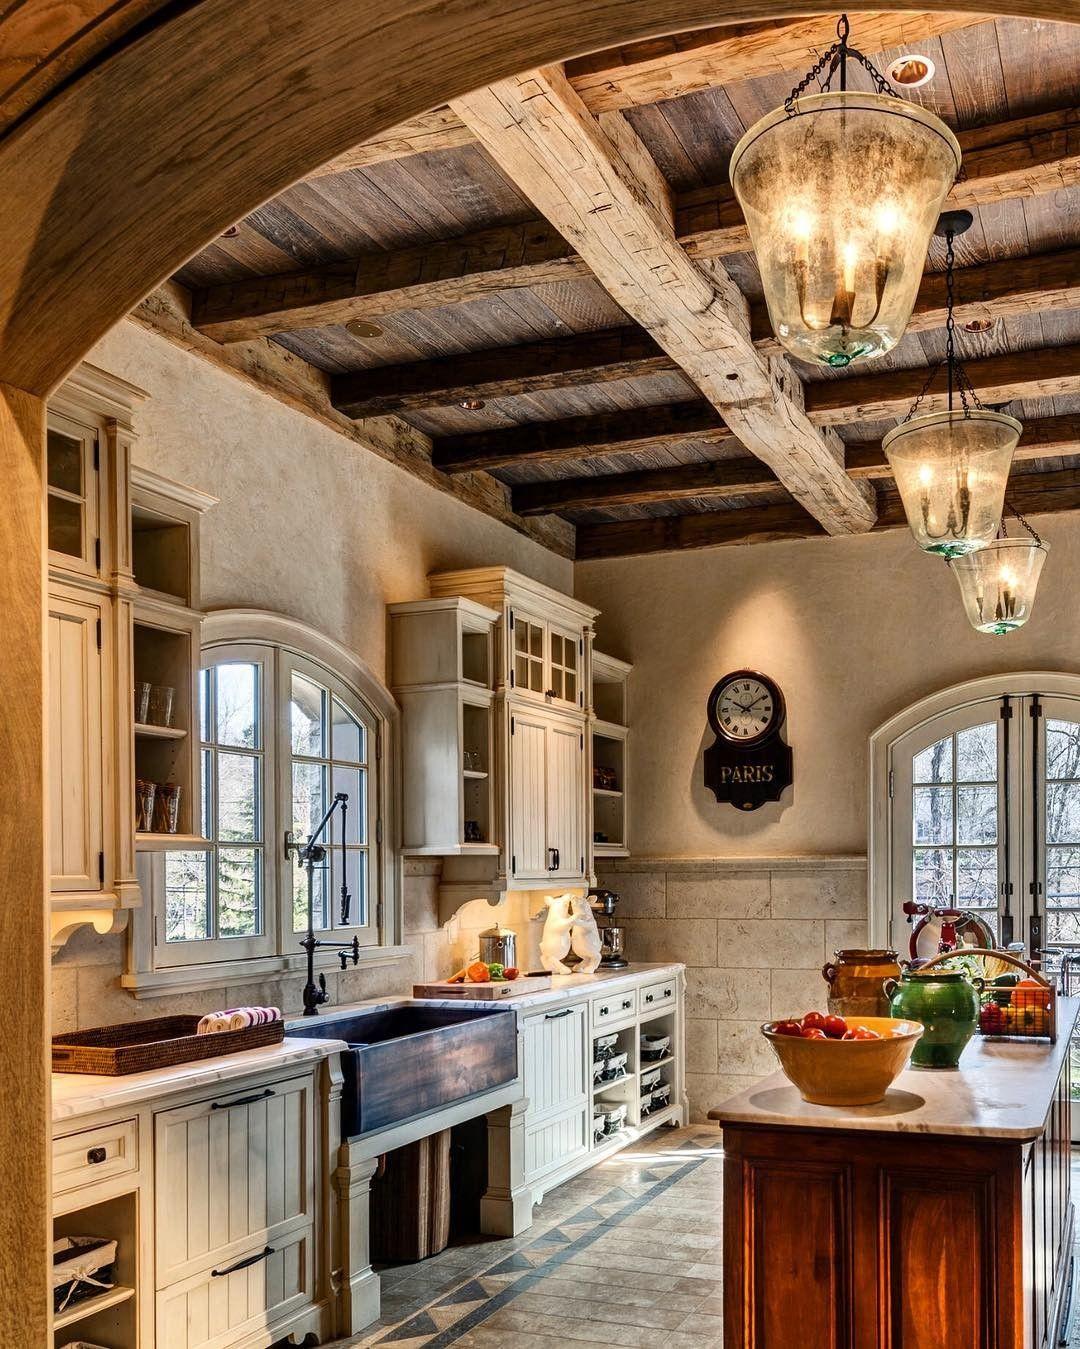 Gorgeous Modern Cottage Kitchen Ideas | Cottage kitchens ... on Rustic:mophcifcrpe= Cottage Kitchen Ideas  id=51627